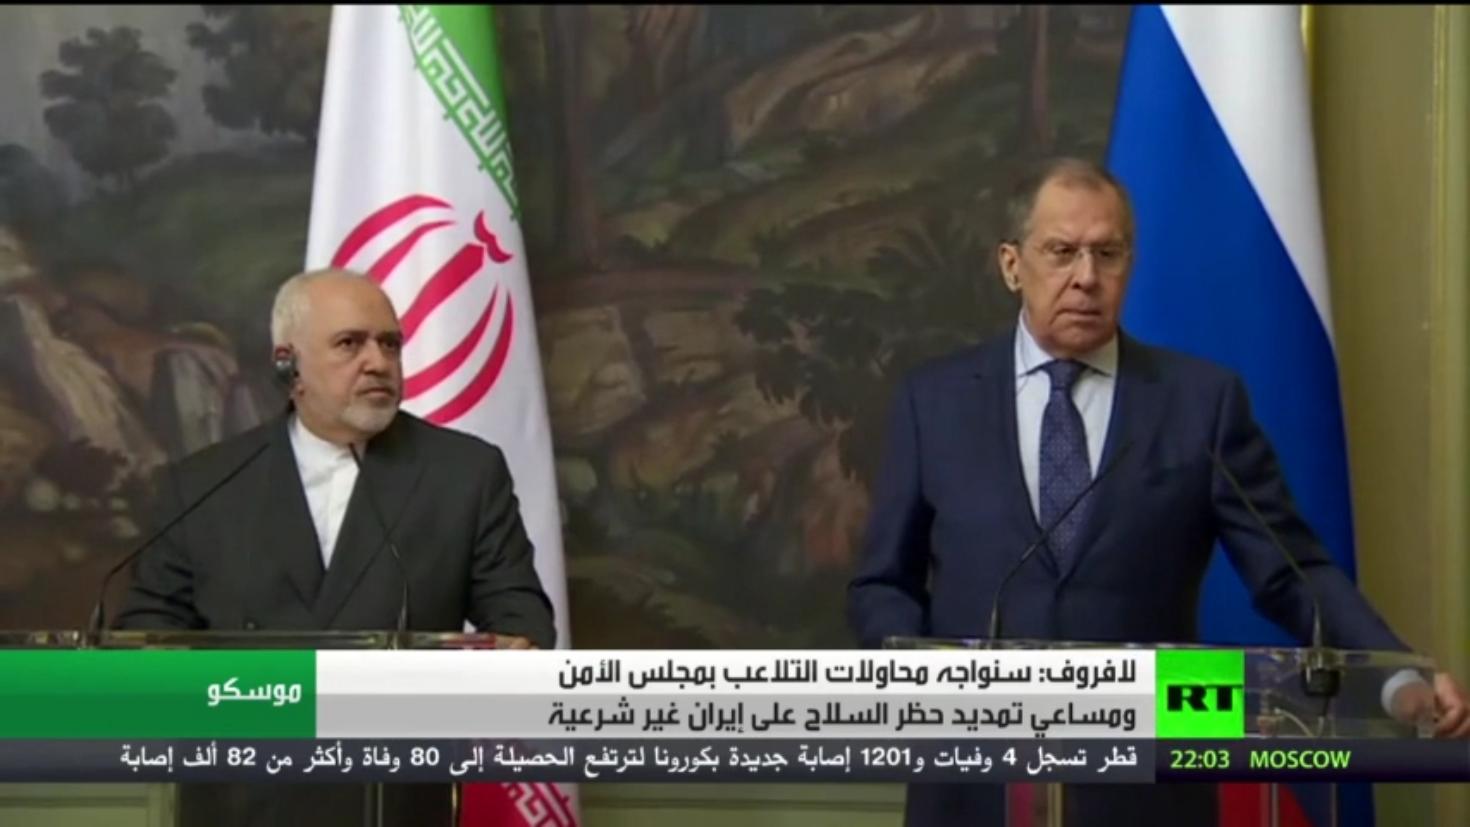 لافروف: سنواجه محاولات التلاعب بمجلس الأمن